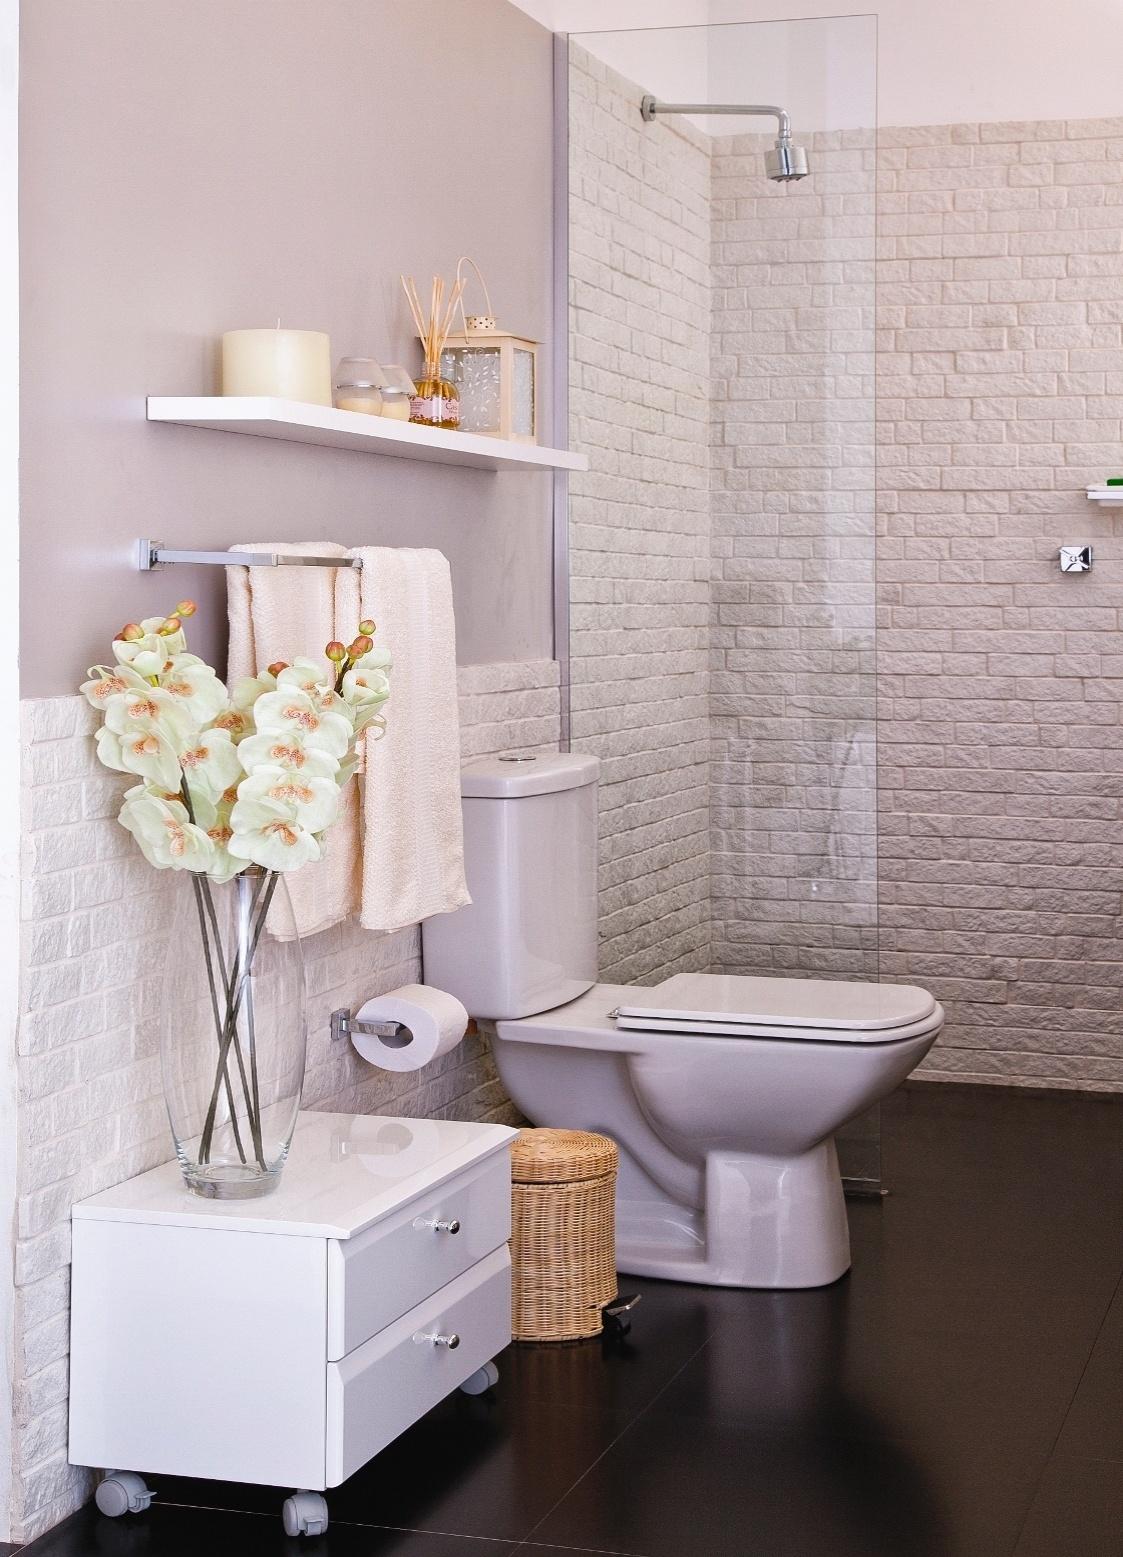 Banheiros pequenos: dicas de decoração para quem tem pouco espaço  #856146 1123x1557 Banheiro Azulejo Ou Tinta